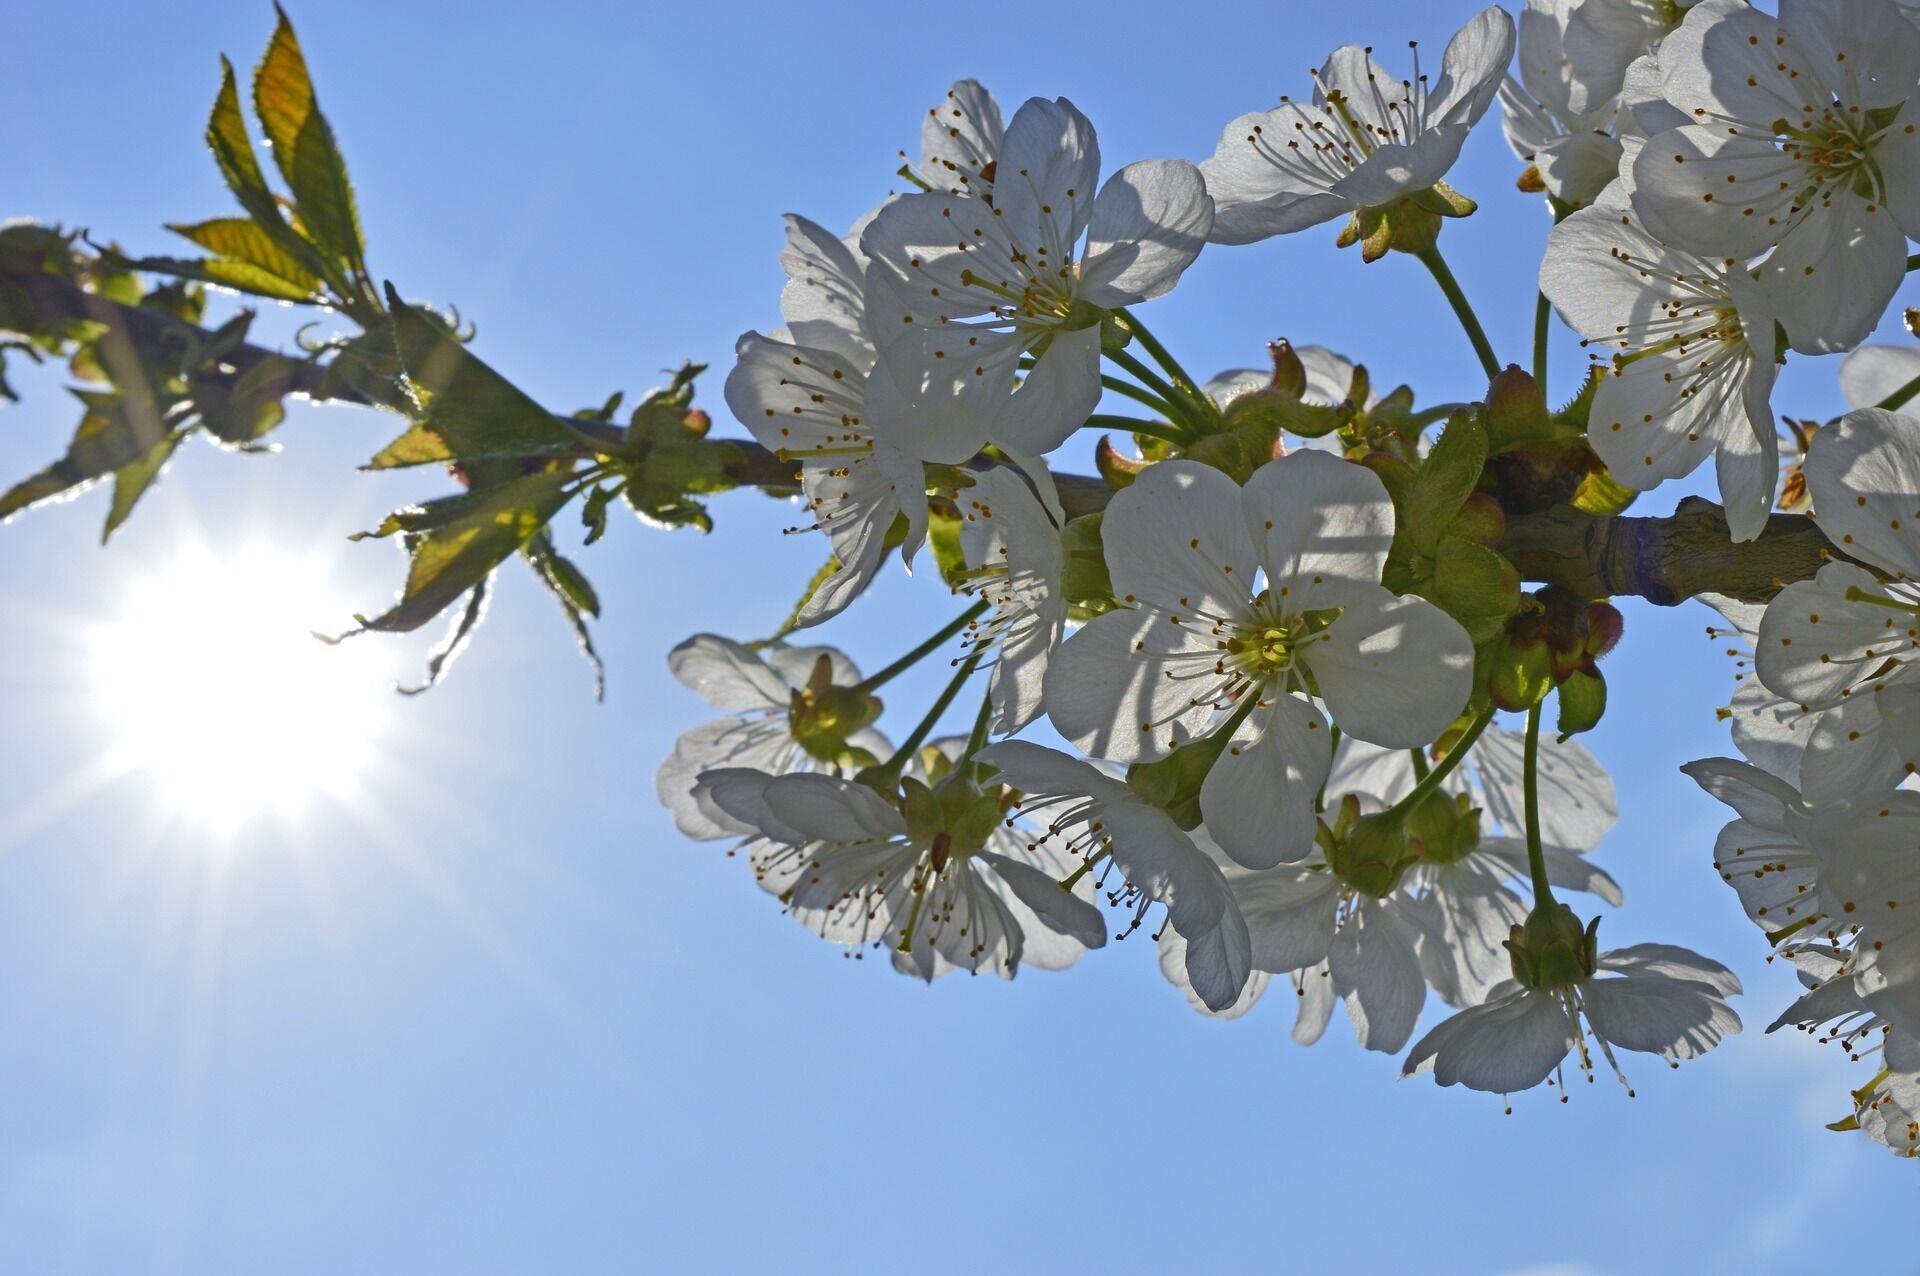 В 2021 году Солнце 20 марта в 11:37 по Киеву пересечет небесный экватор